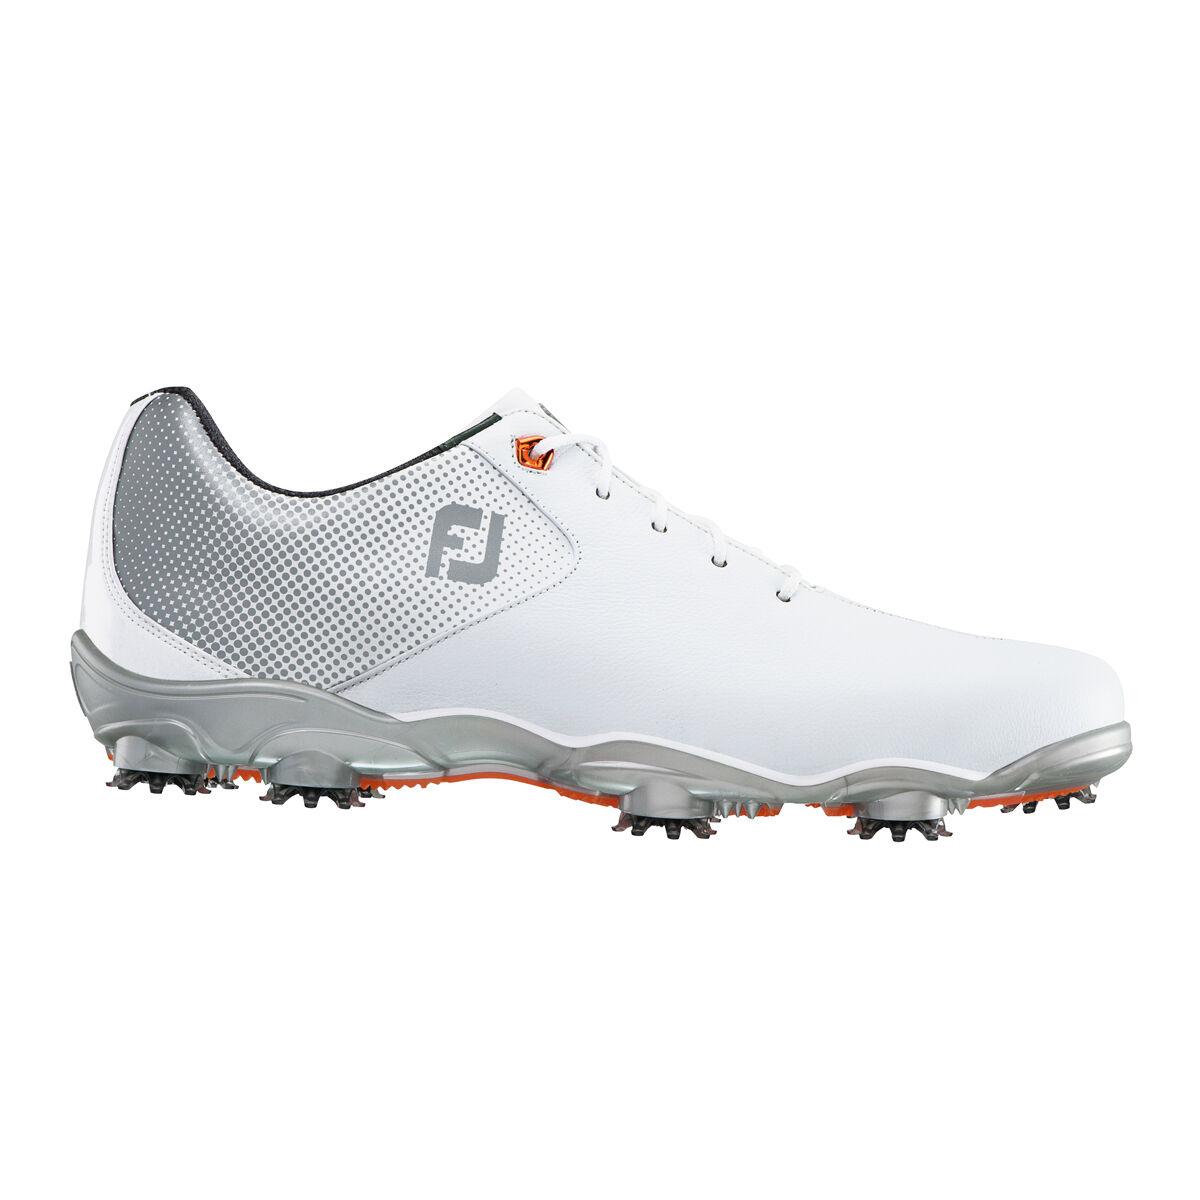 7c094c6004d5 FootJoy D.N.A. Helix Men s Golf Shoe - White Silver